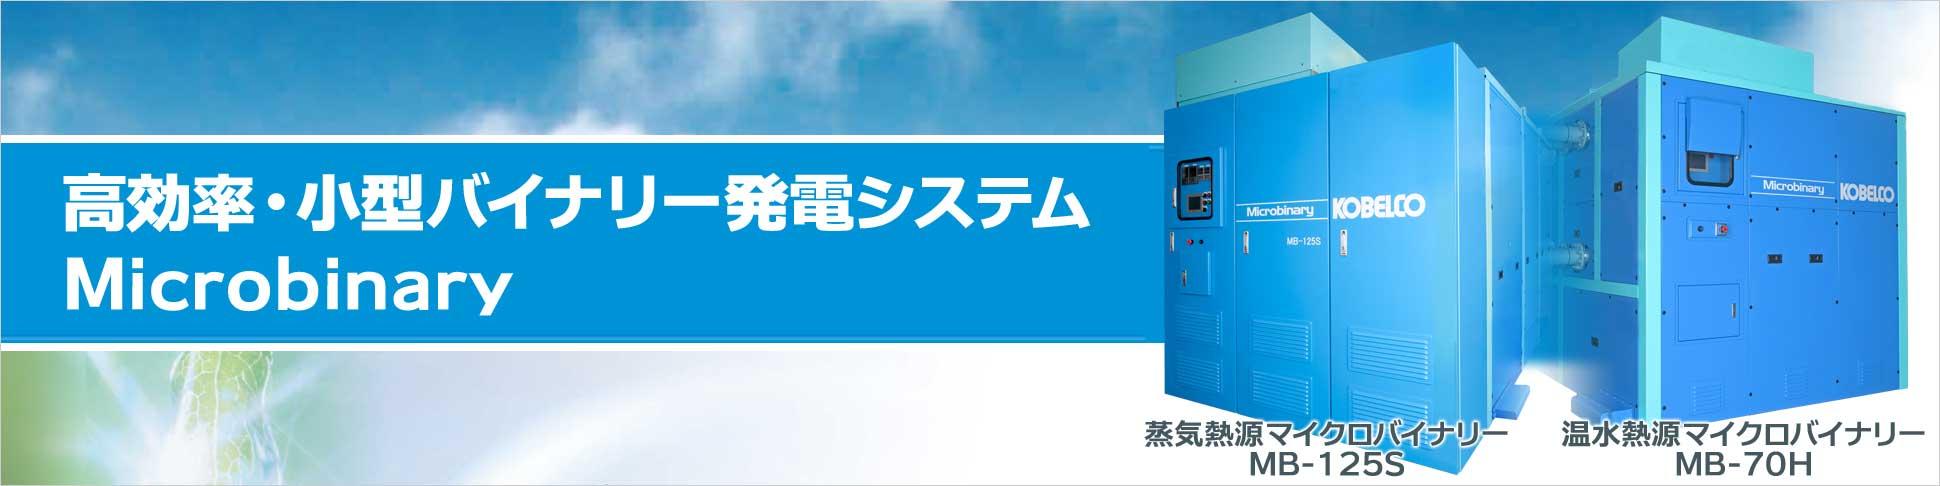 バイナリー発電システム マイクロバイナリー